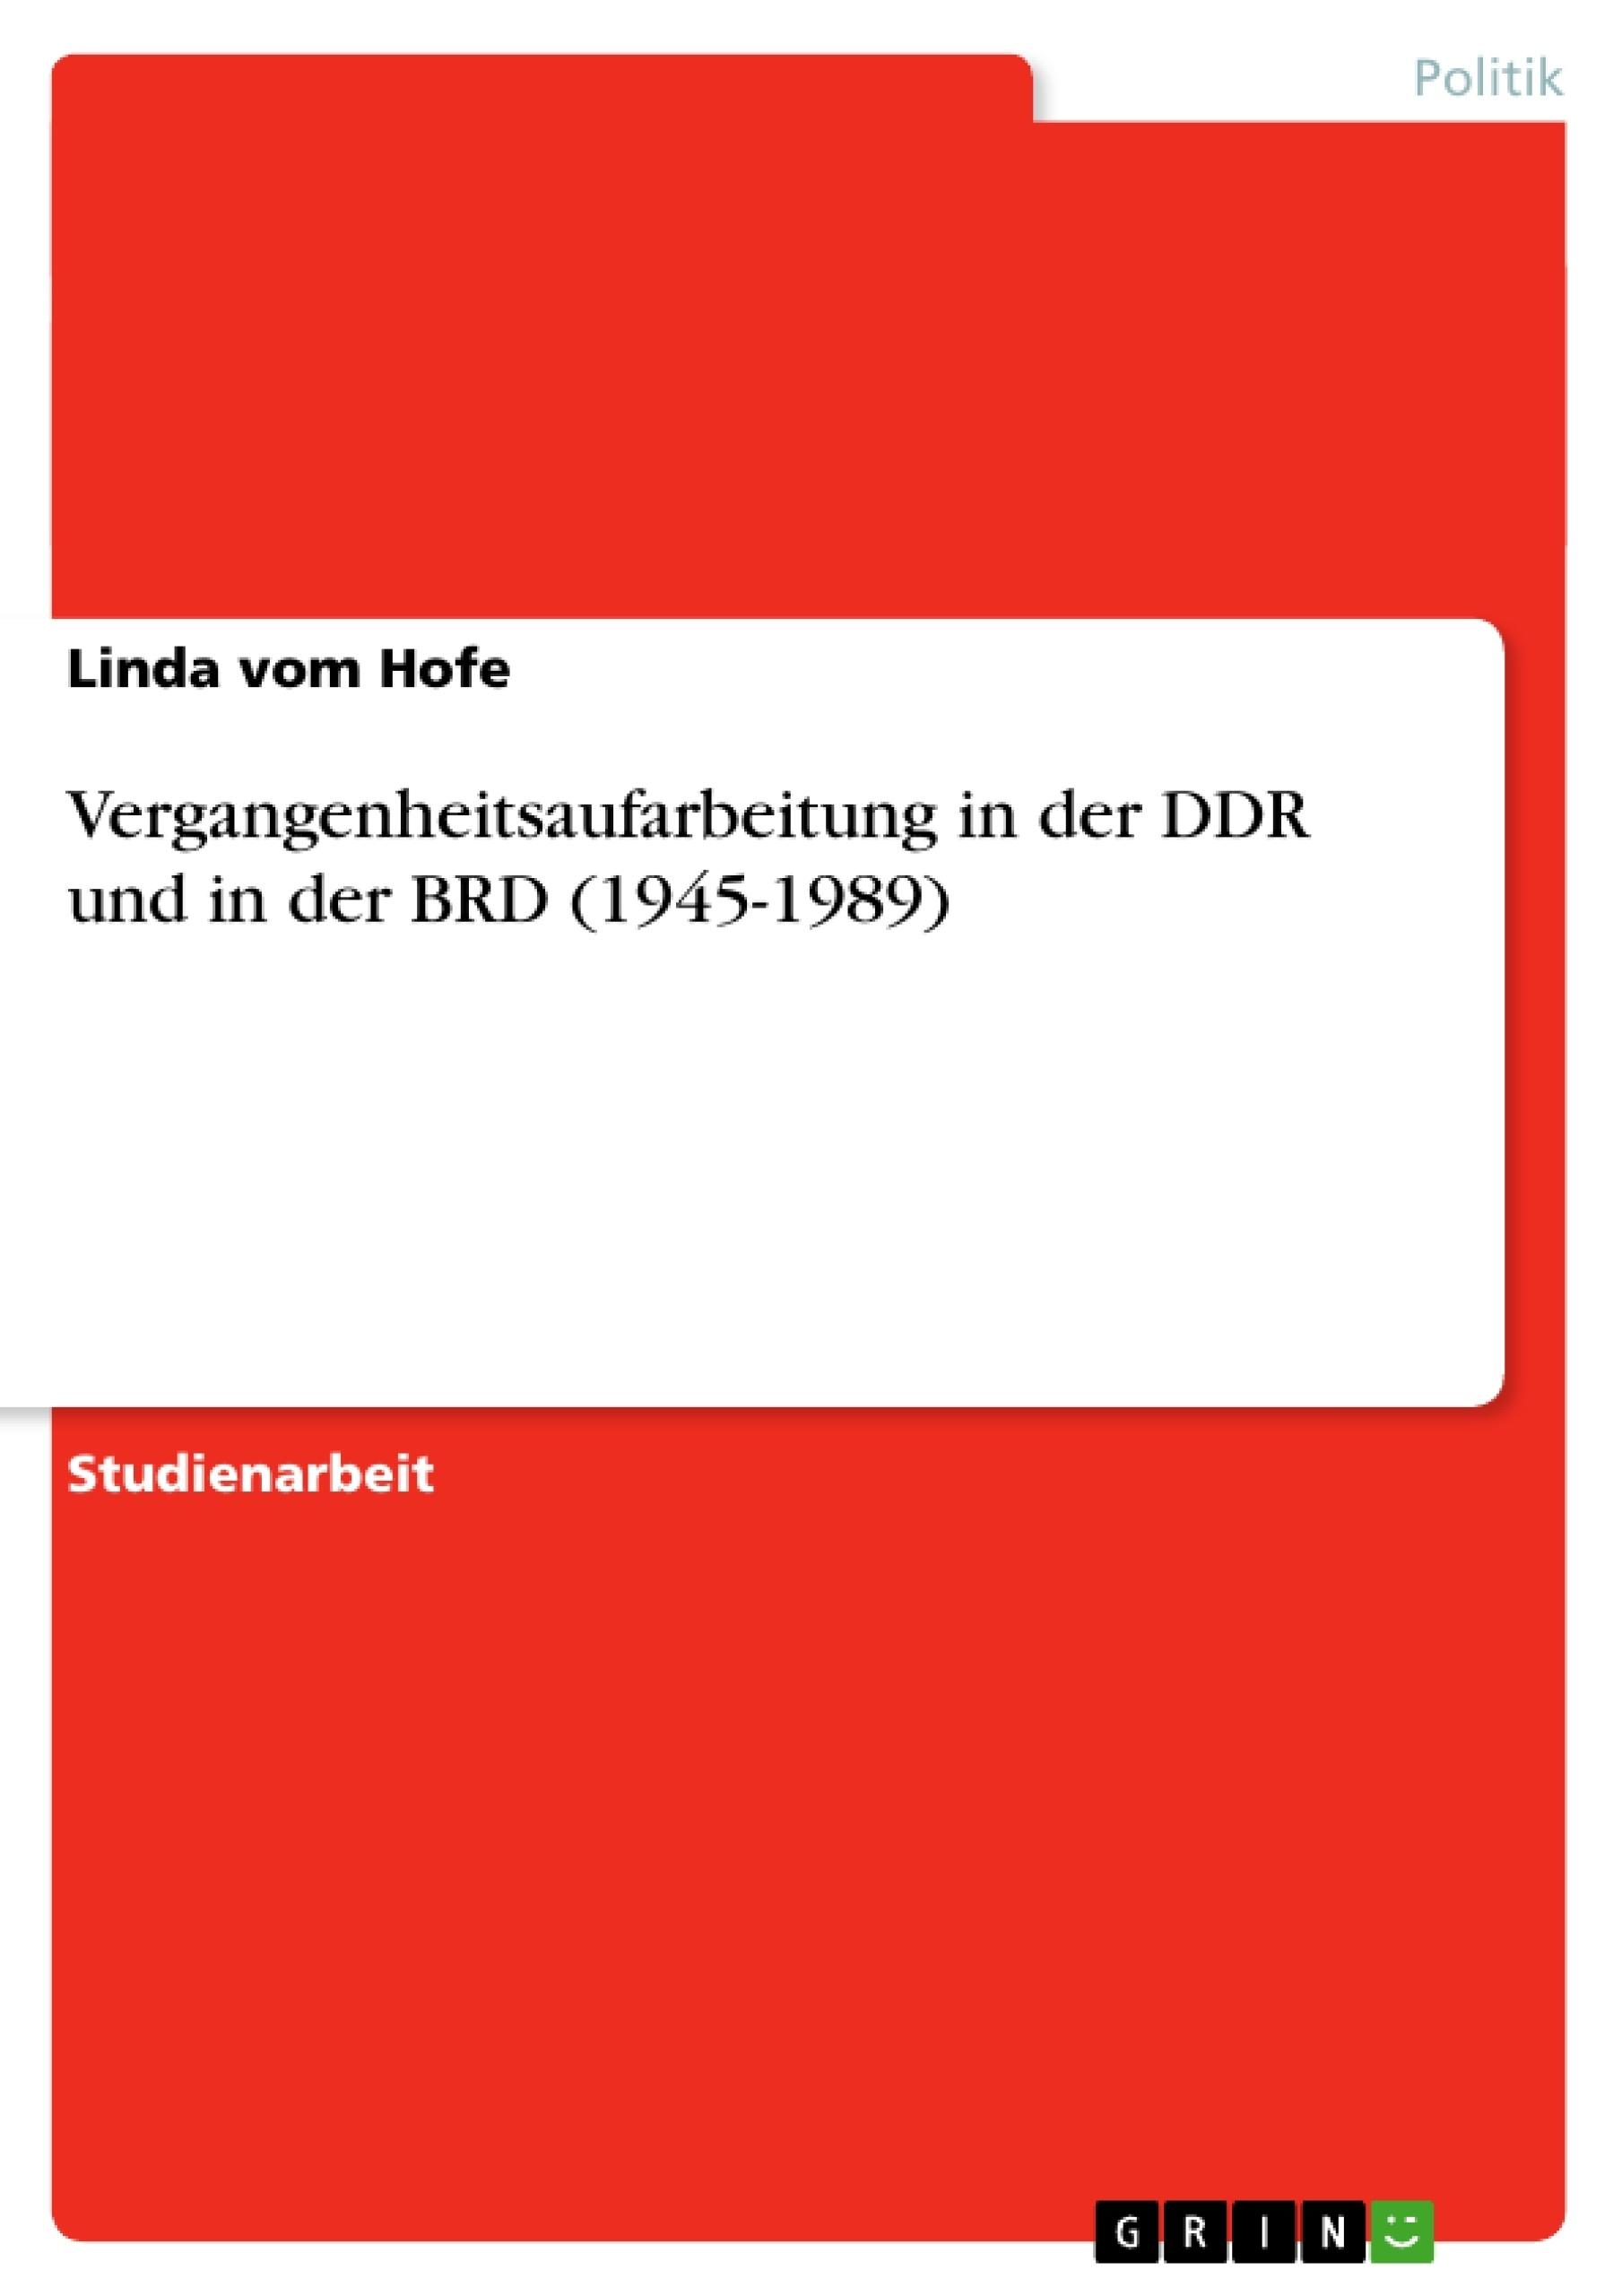 Titel: Vergangenheitsaufarbeitung in der DDR und in der BRD  (1945-1989)